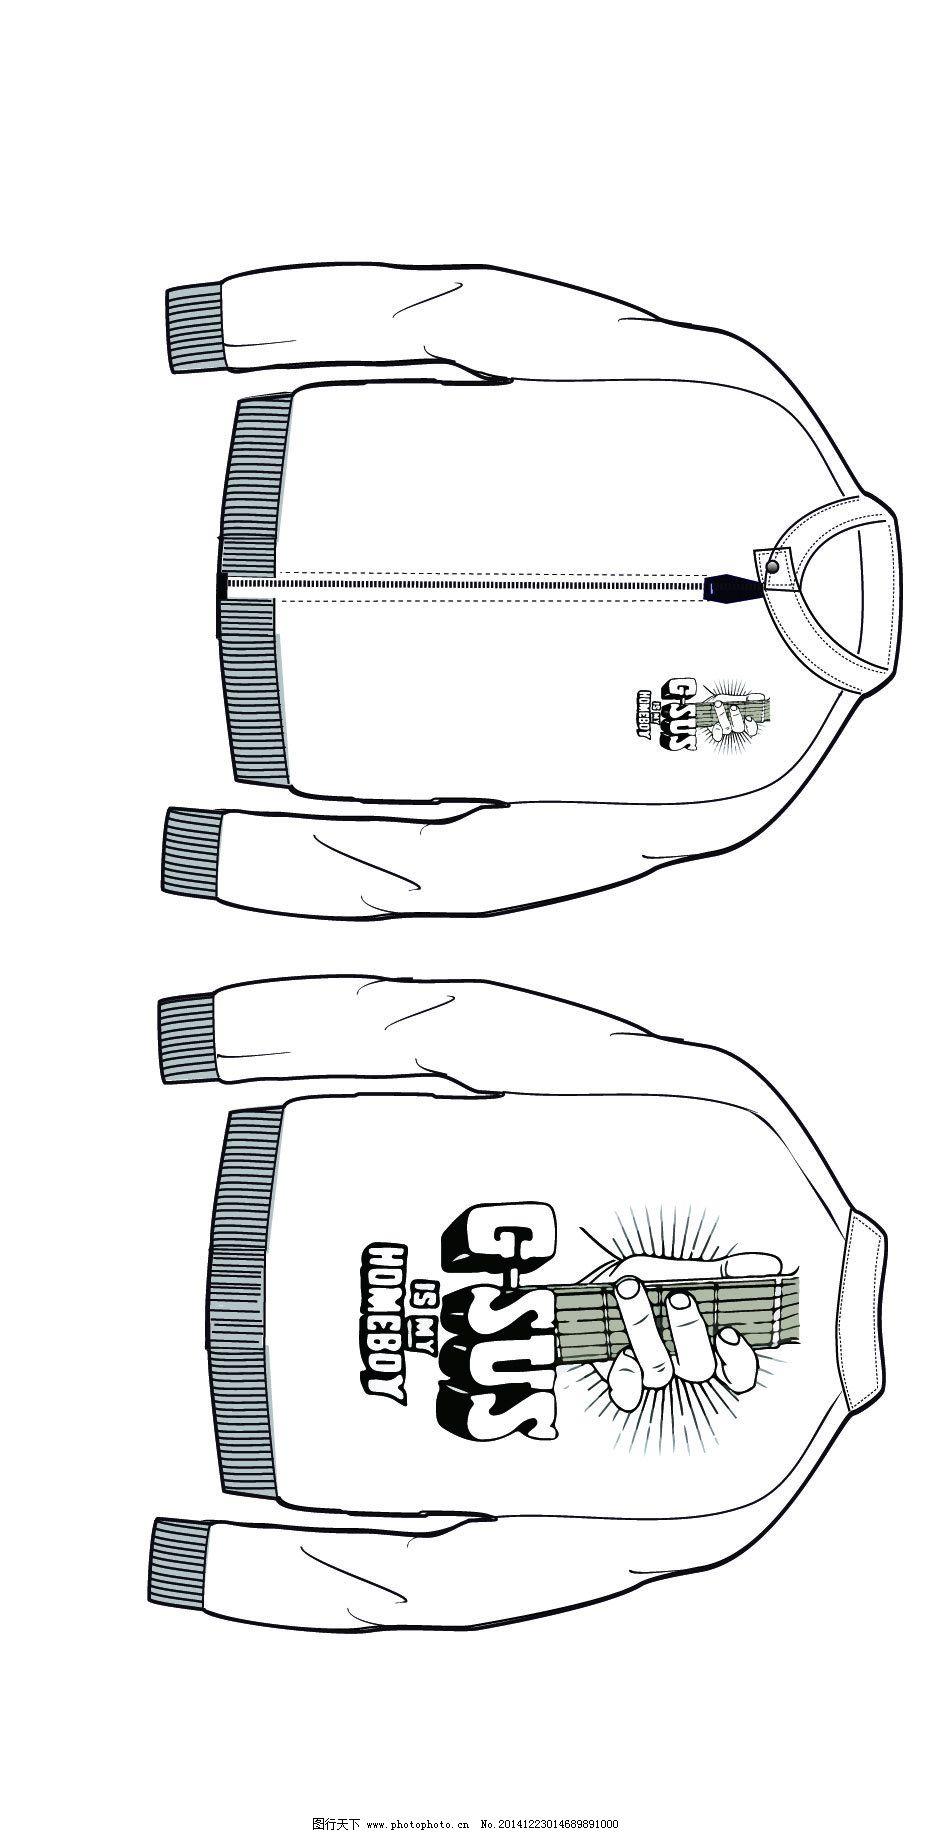 男童立领夹克 男童立领夹克免费下载 设计模版 矢量款式图 原创设计